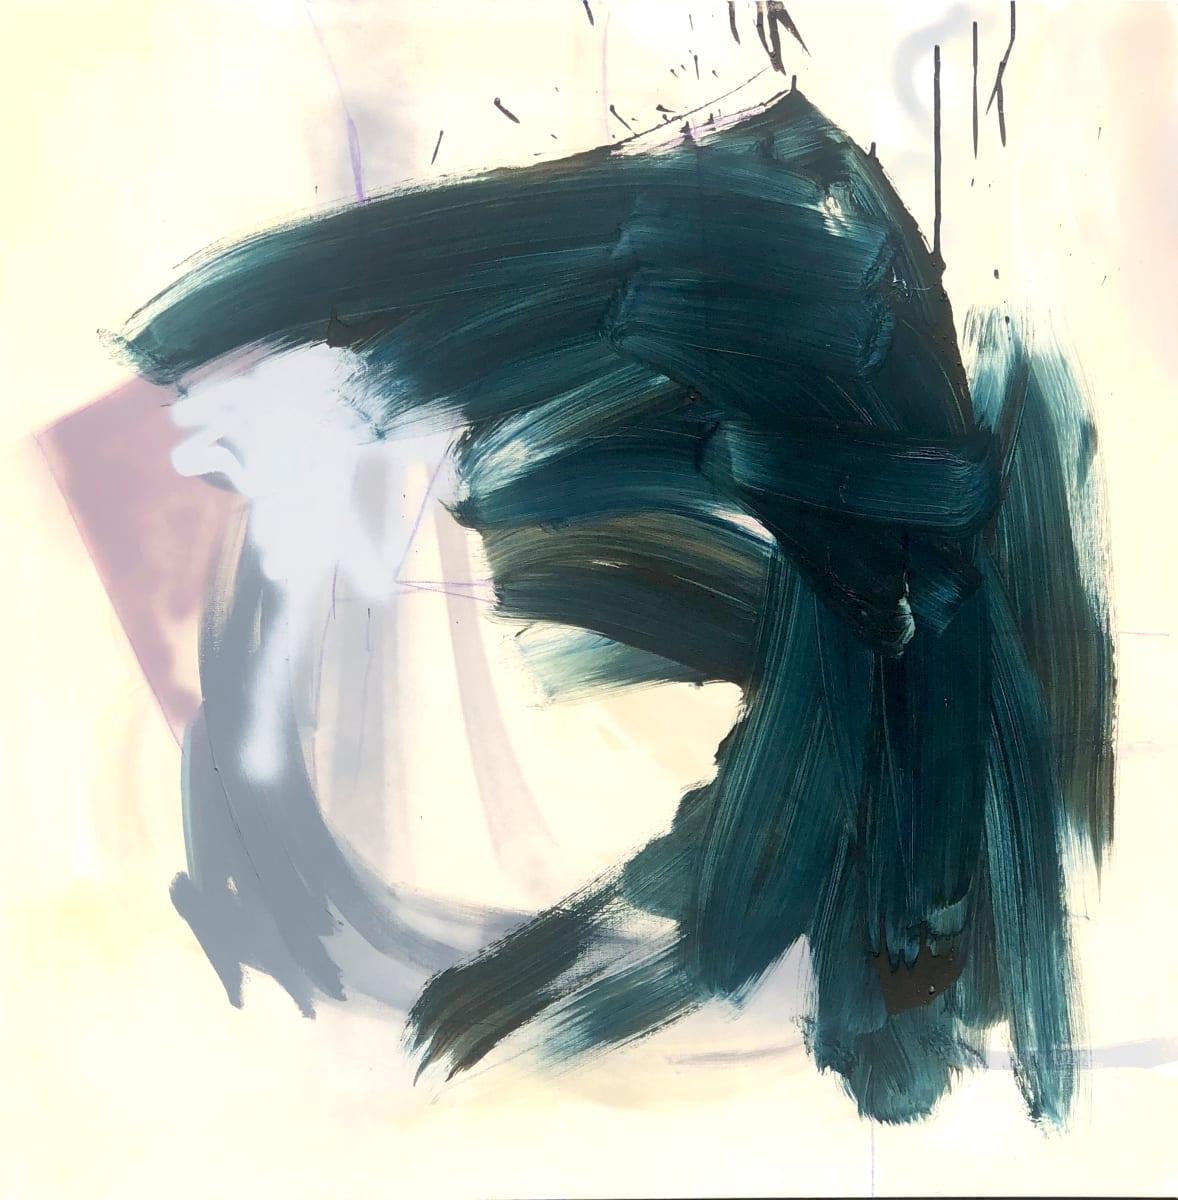 Rolla in the AM by Laura Viola Preciado